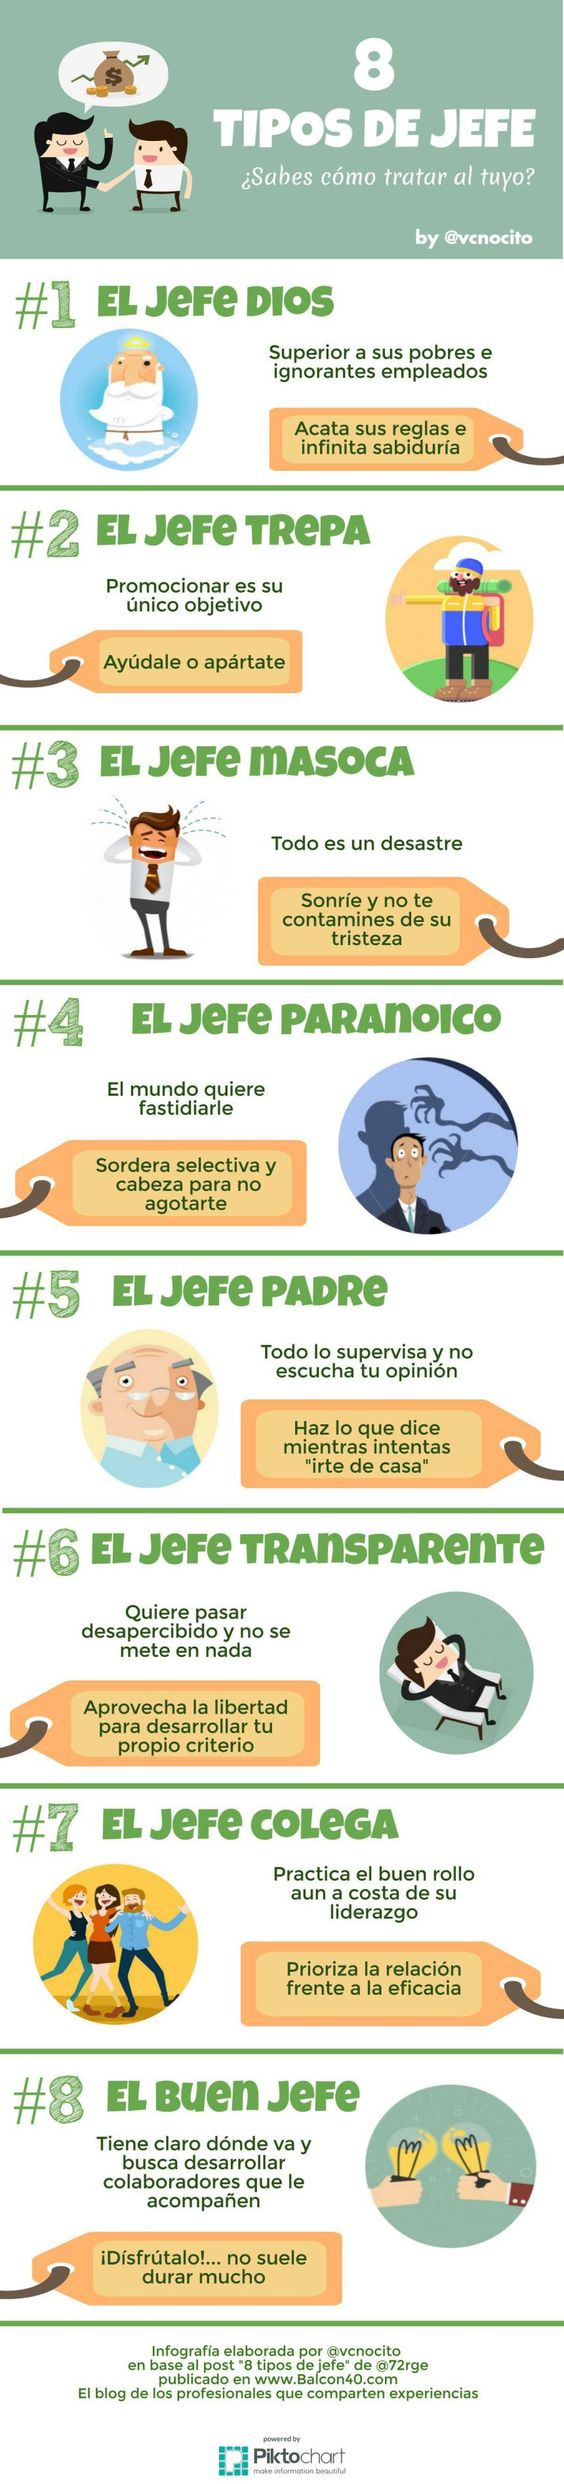 8 tipos de jefe #infografia